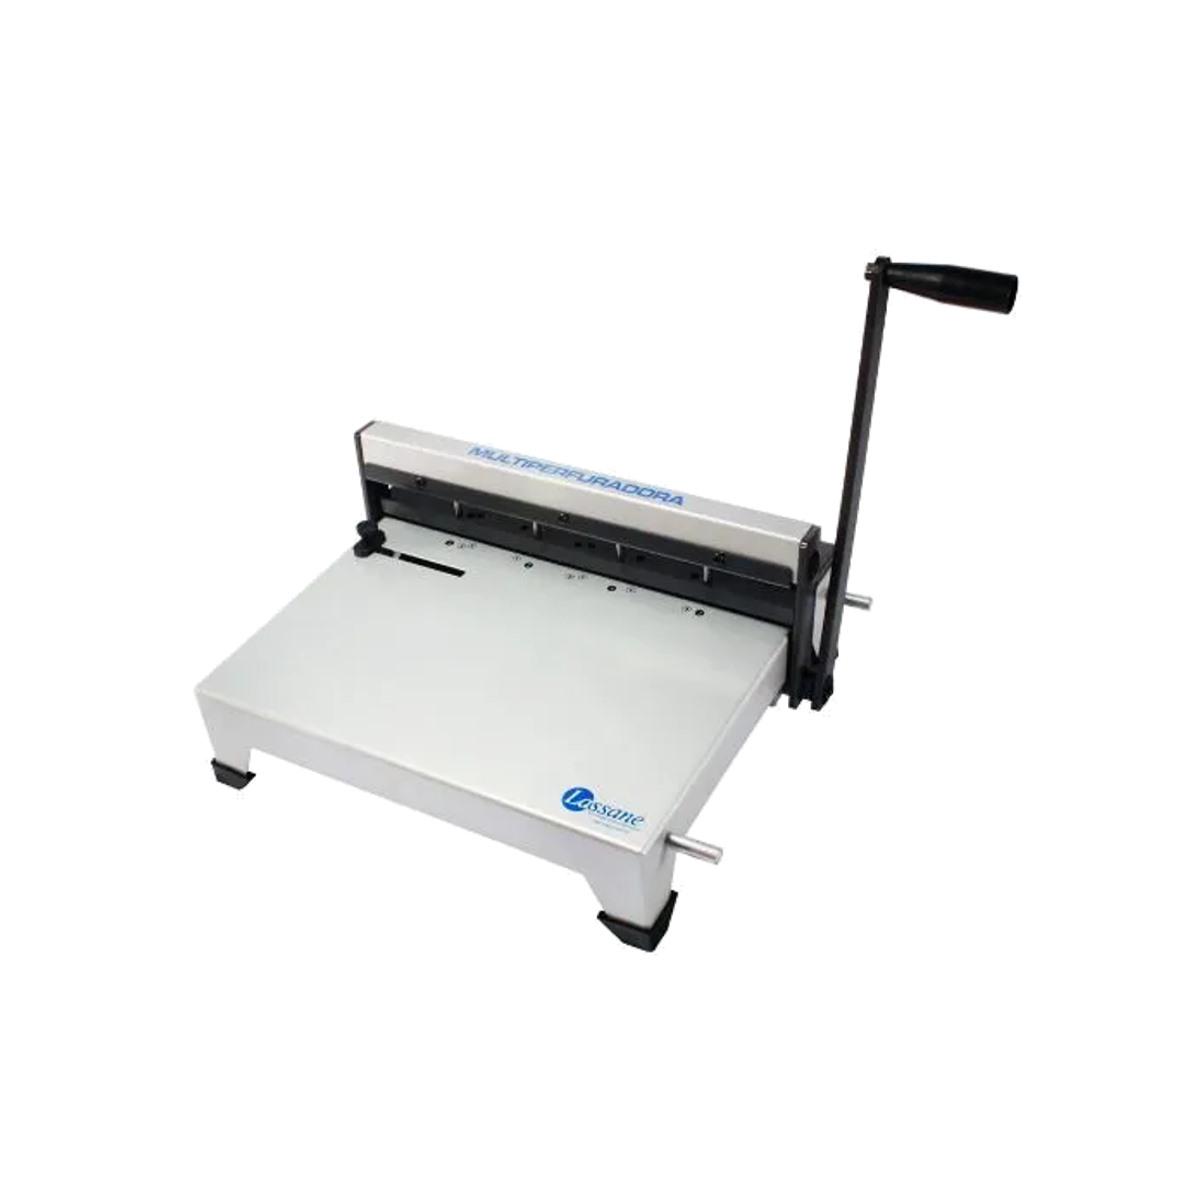 Encadernadora Multiperfuradora para Pastas e Fichários